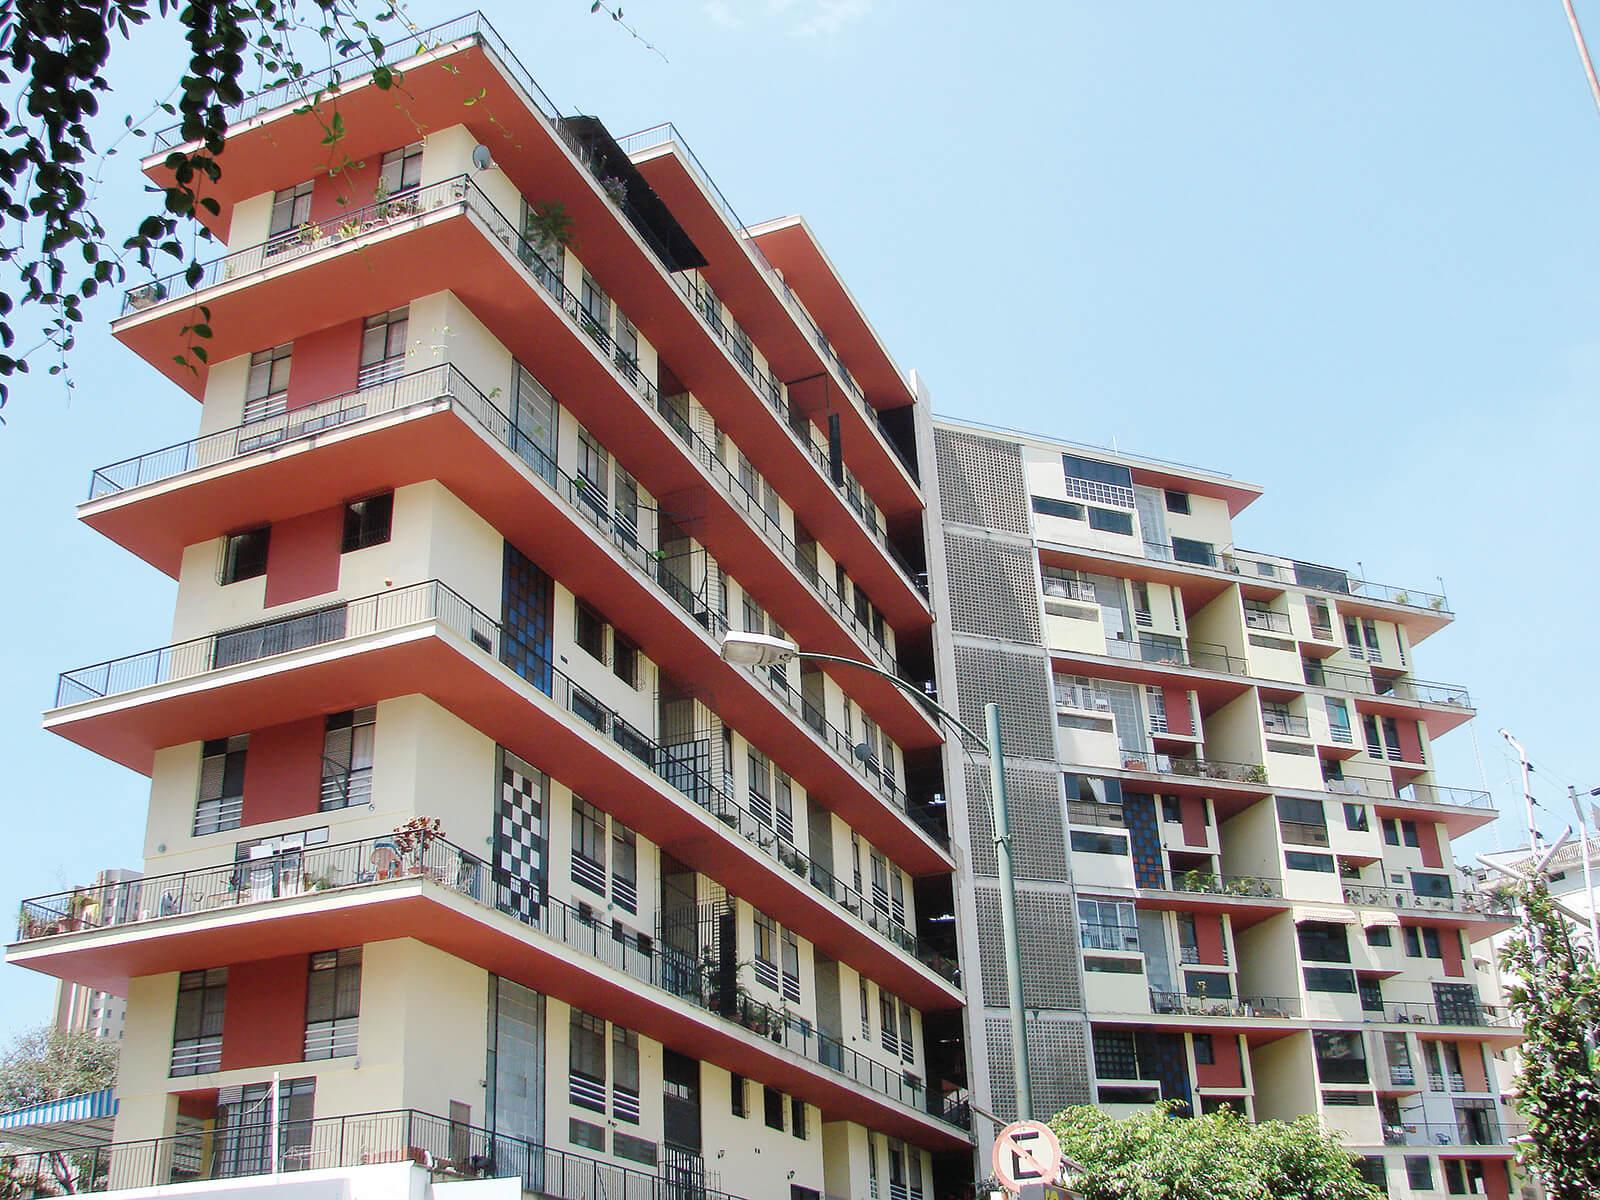 Cámara Inmobiliaria: sentencia del TSJ no es precisa